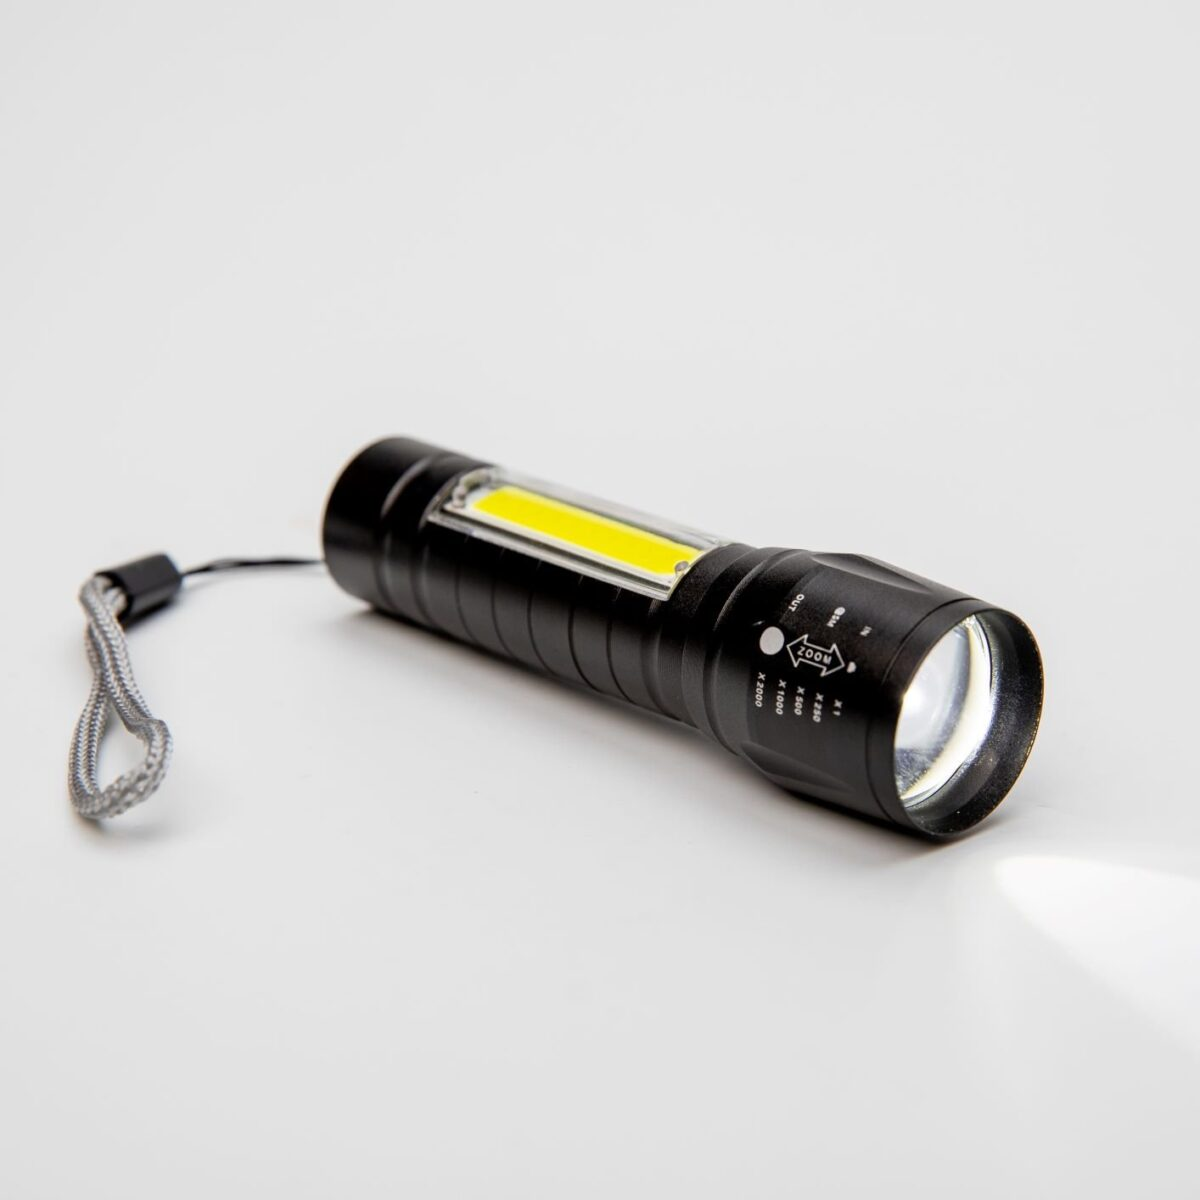 LED svítilna multifunkční USB s vlastním textem nebo logem - 665881